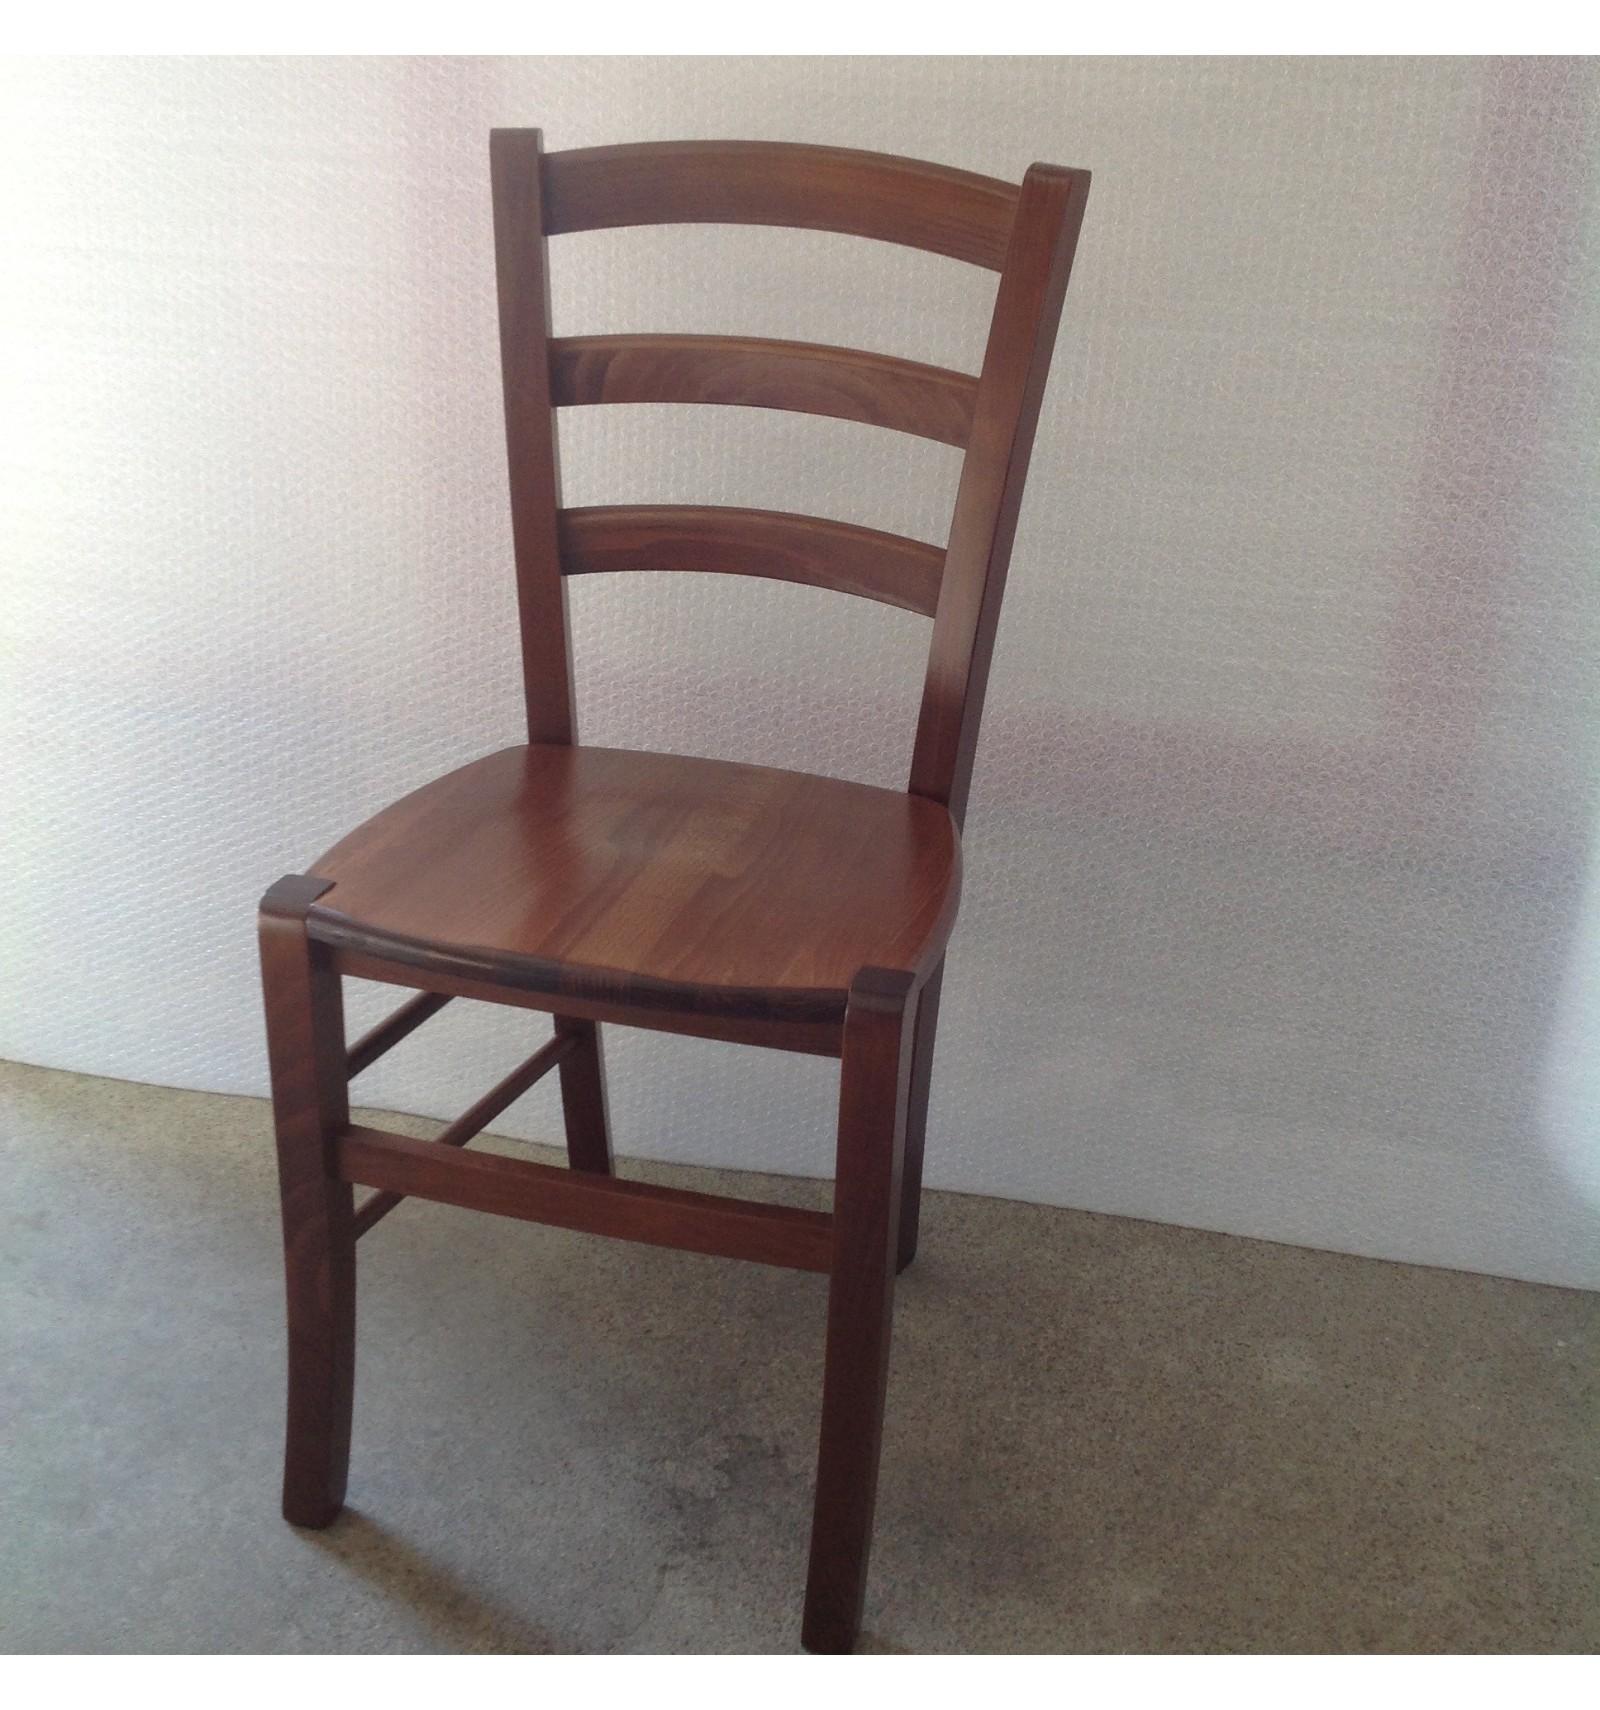 Sedia venezia classica sedile legno sedie cucina soggiorno - Sedie da camera ...